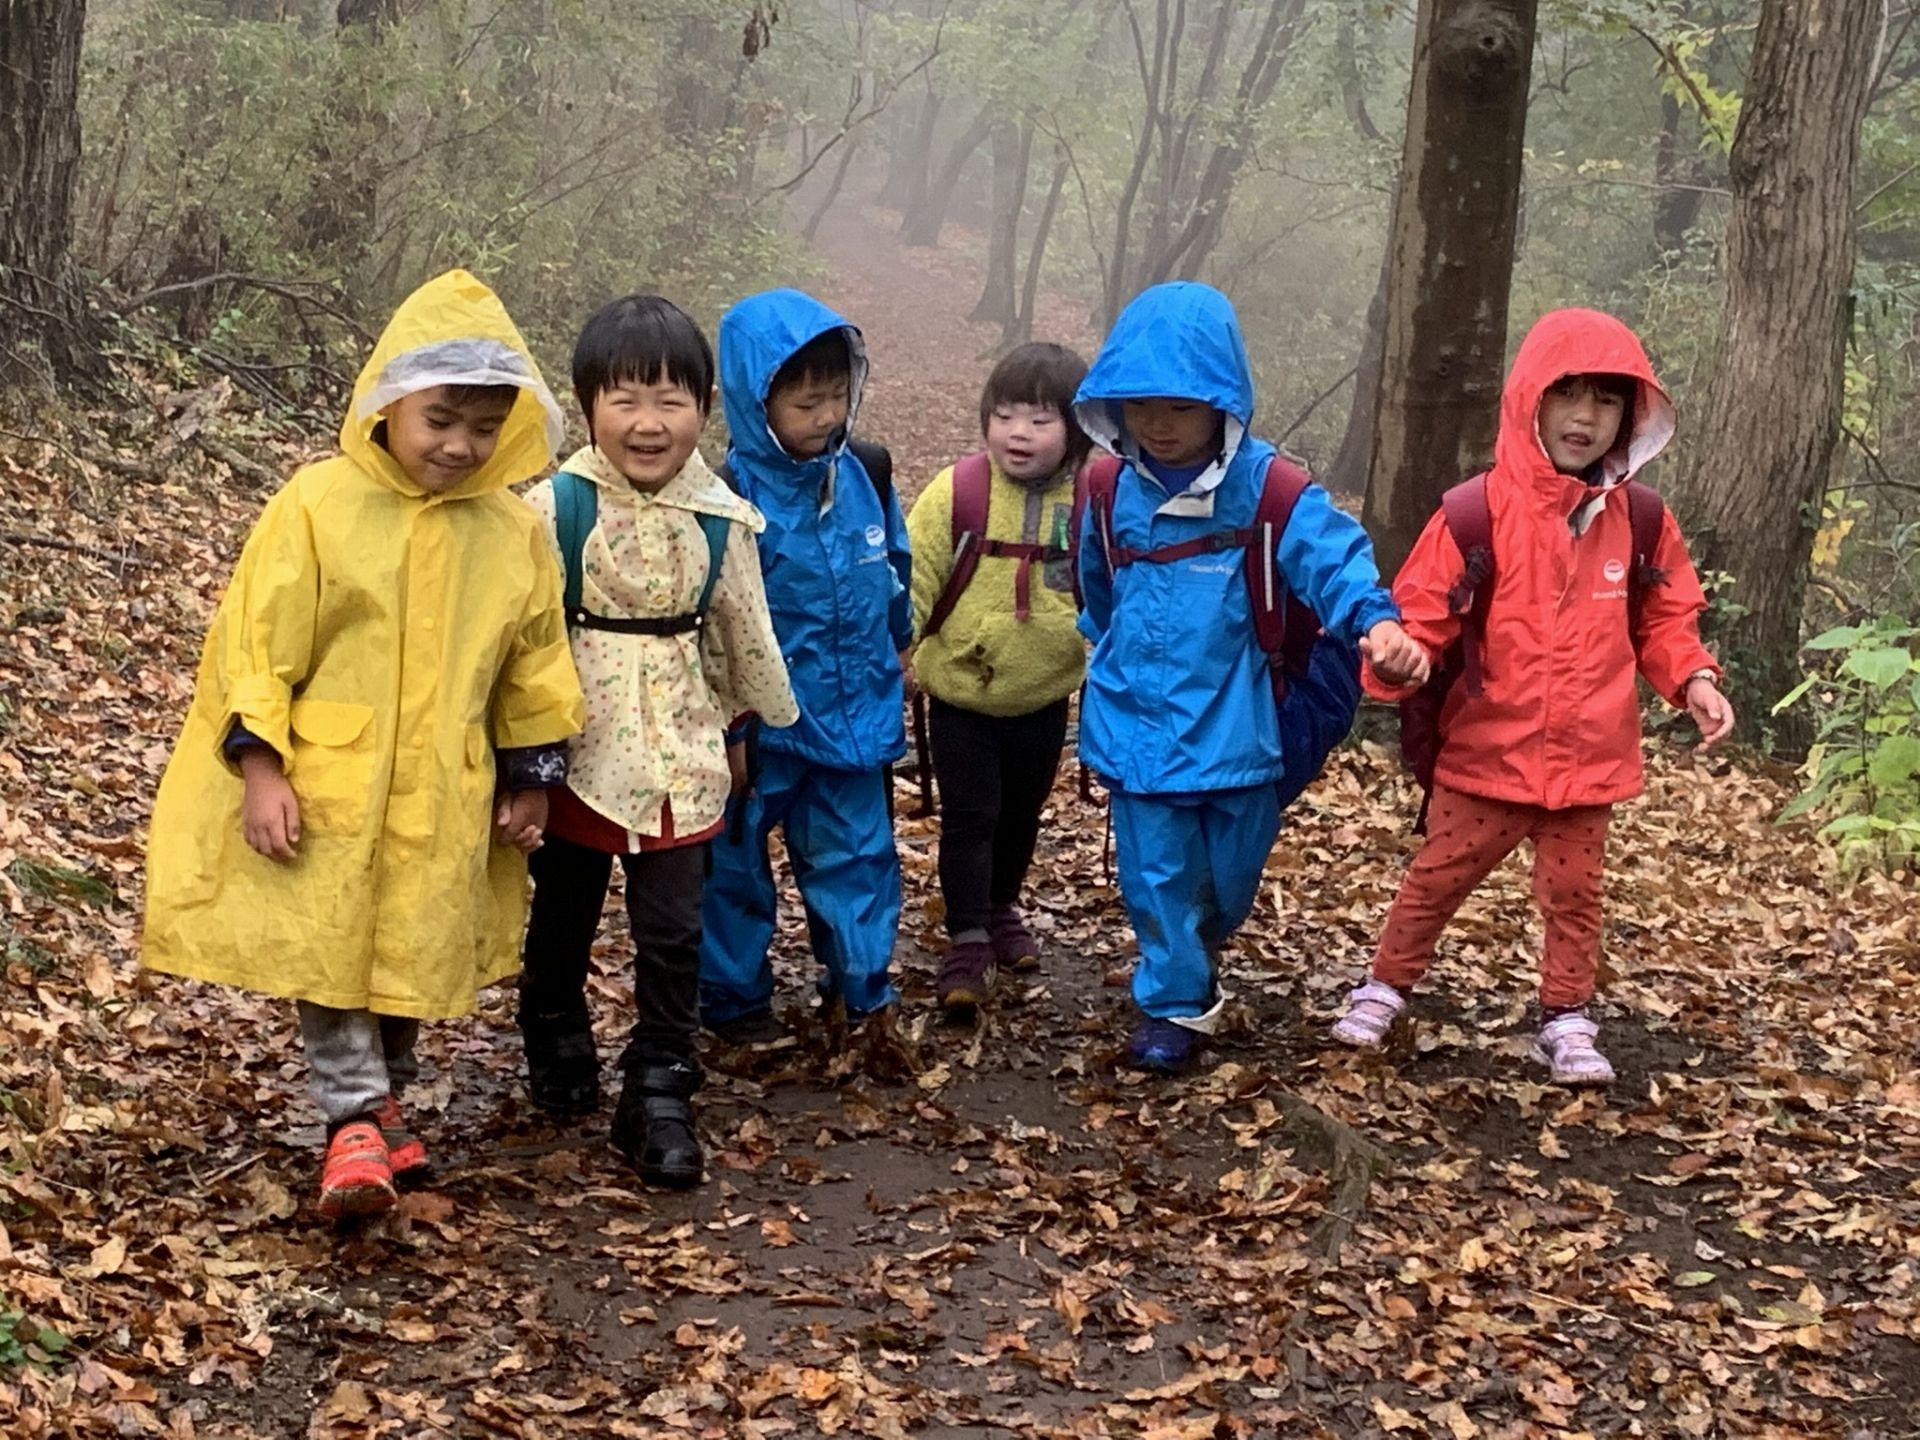 雨の森の音楽会【かもしか組】